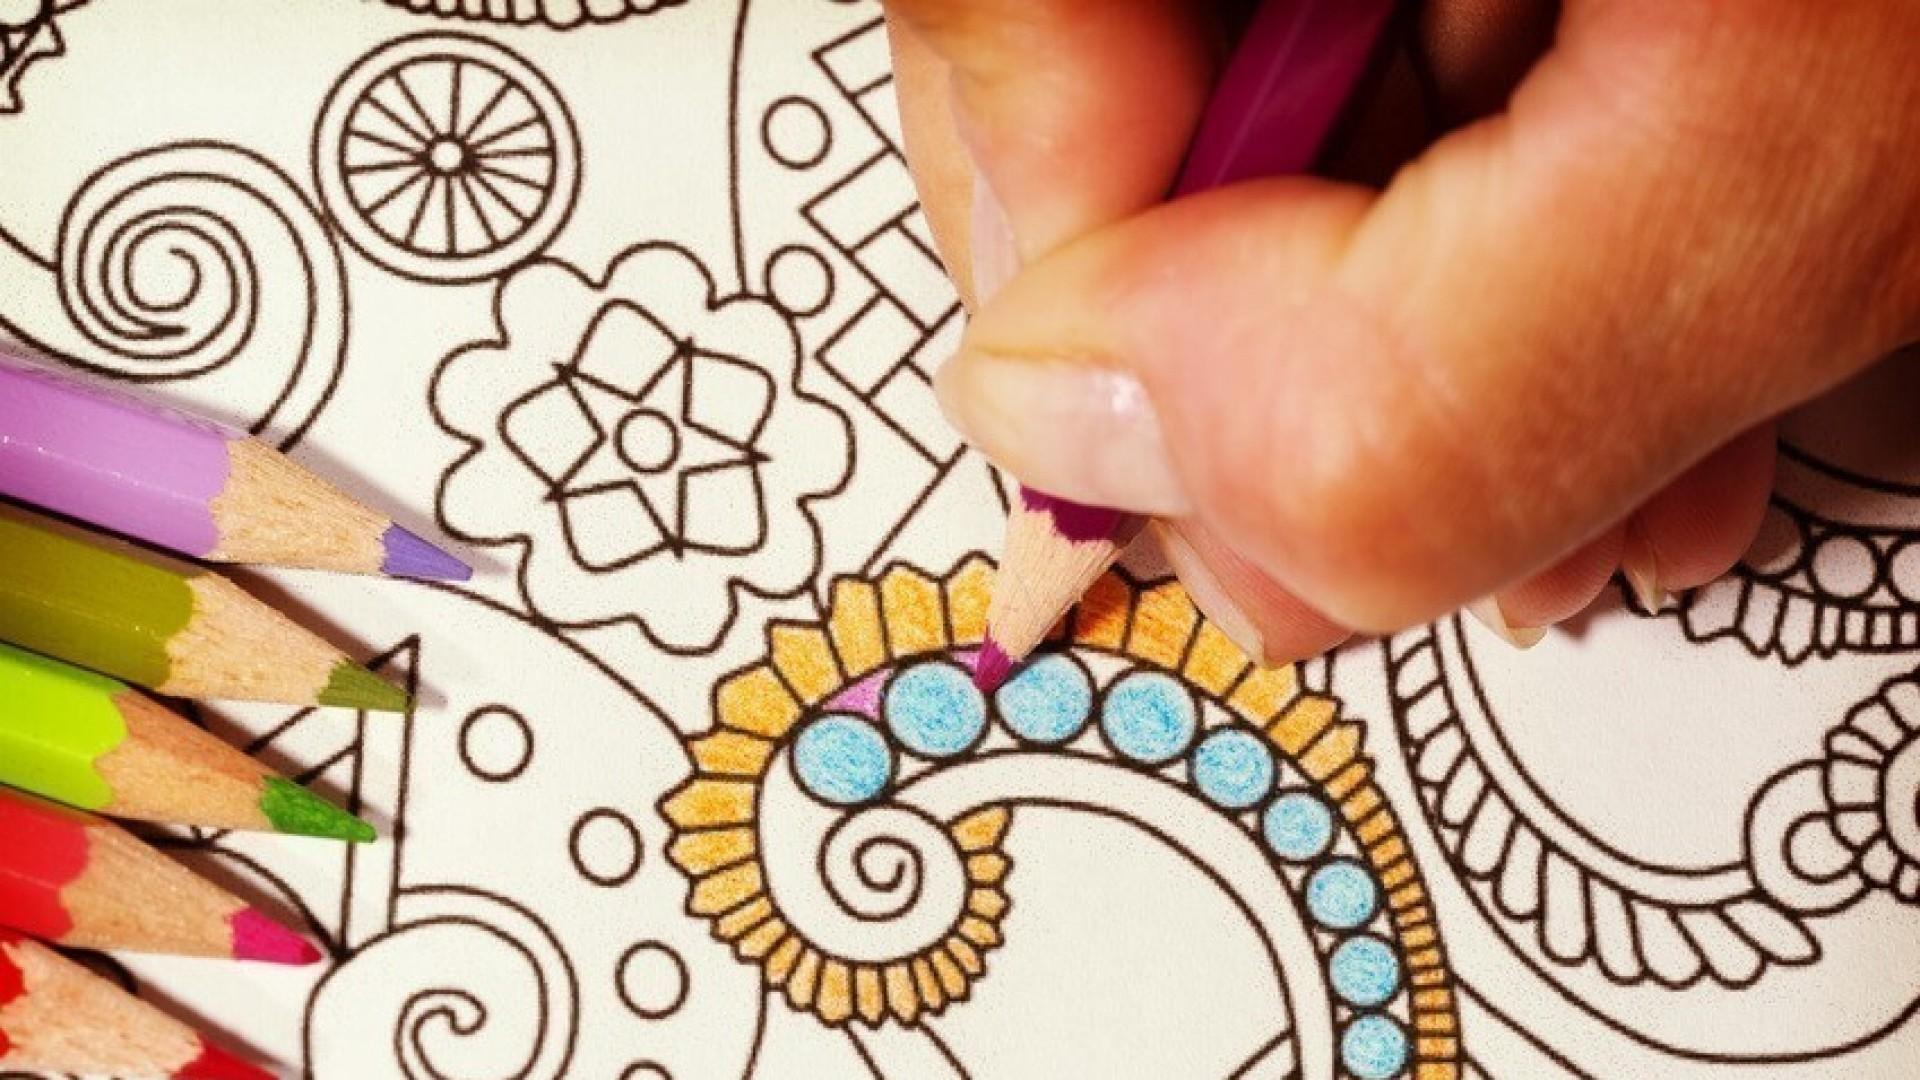 4 совета от художника для тех, кто хочет научиться рисовать